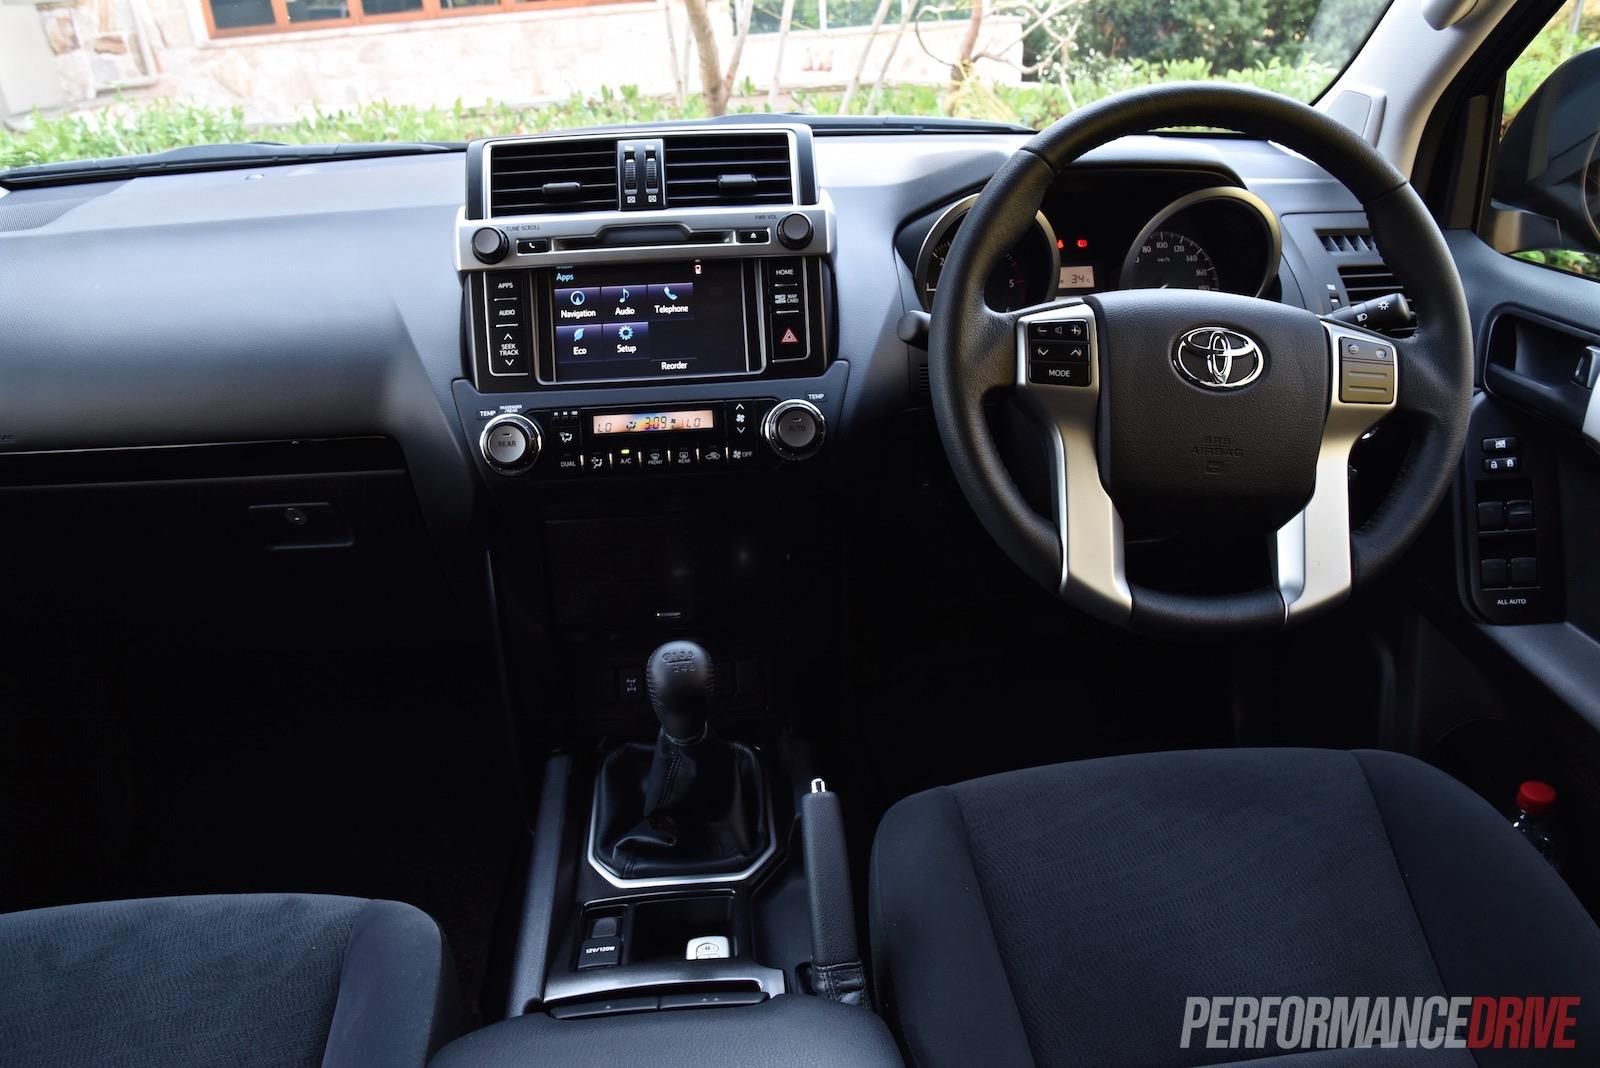 2016 Toyota Landcruiser Prado 28 Review Video Performancedrive Land Cruiser Interior Gxl Dash